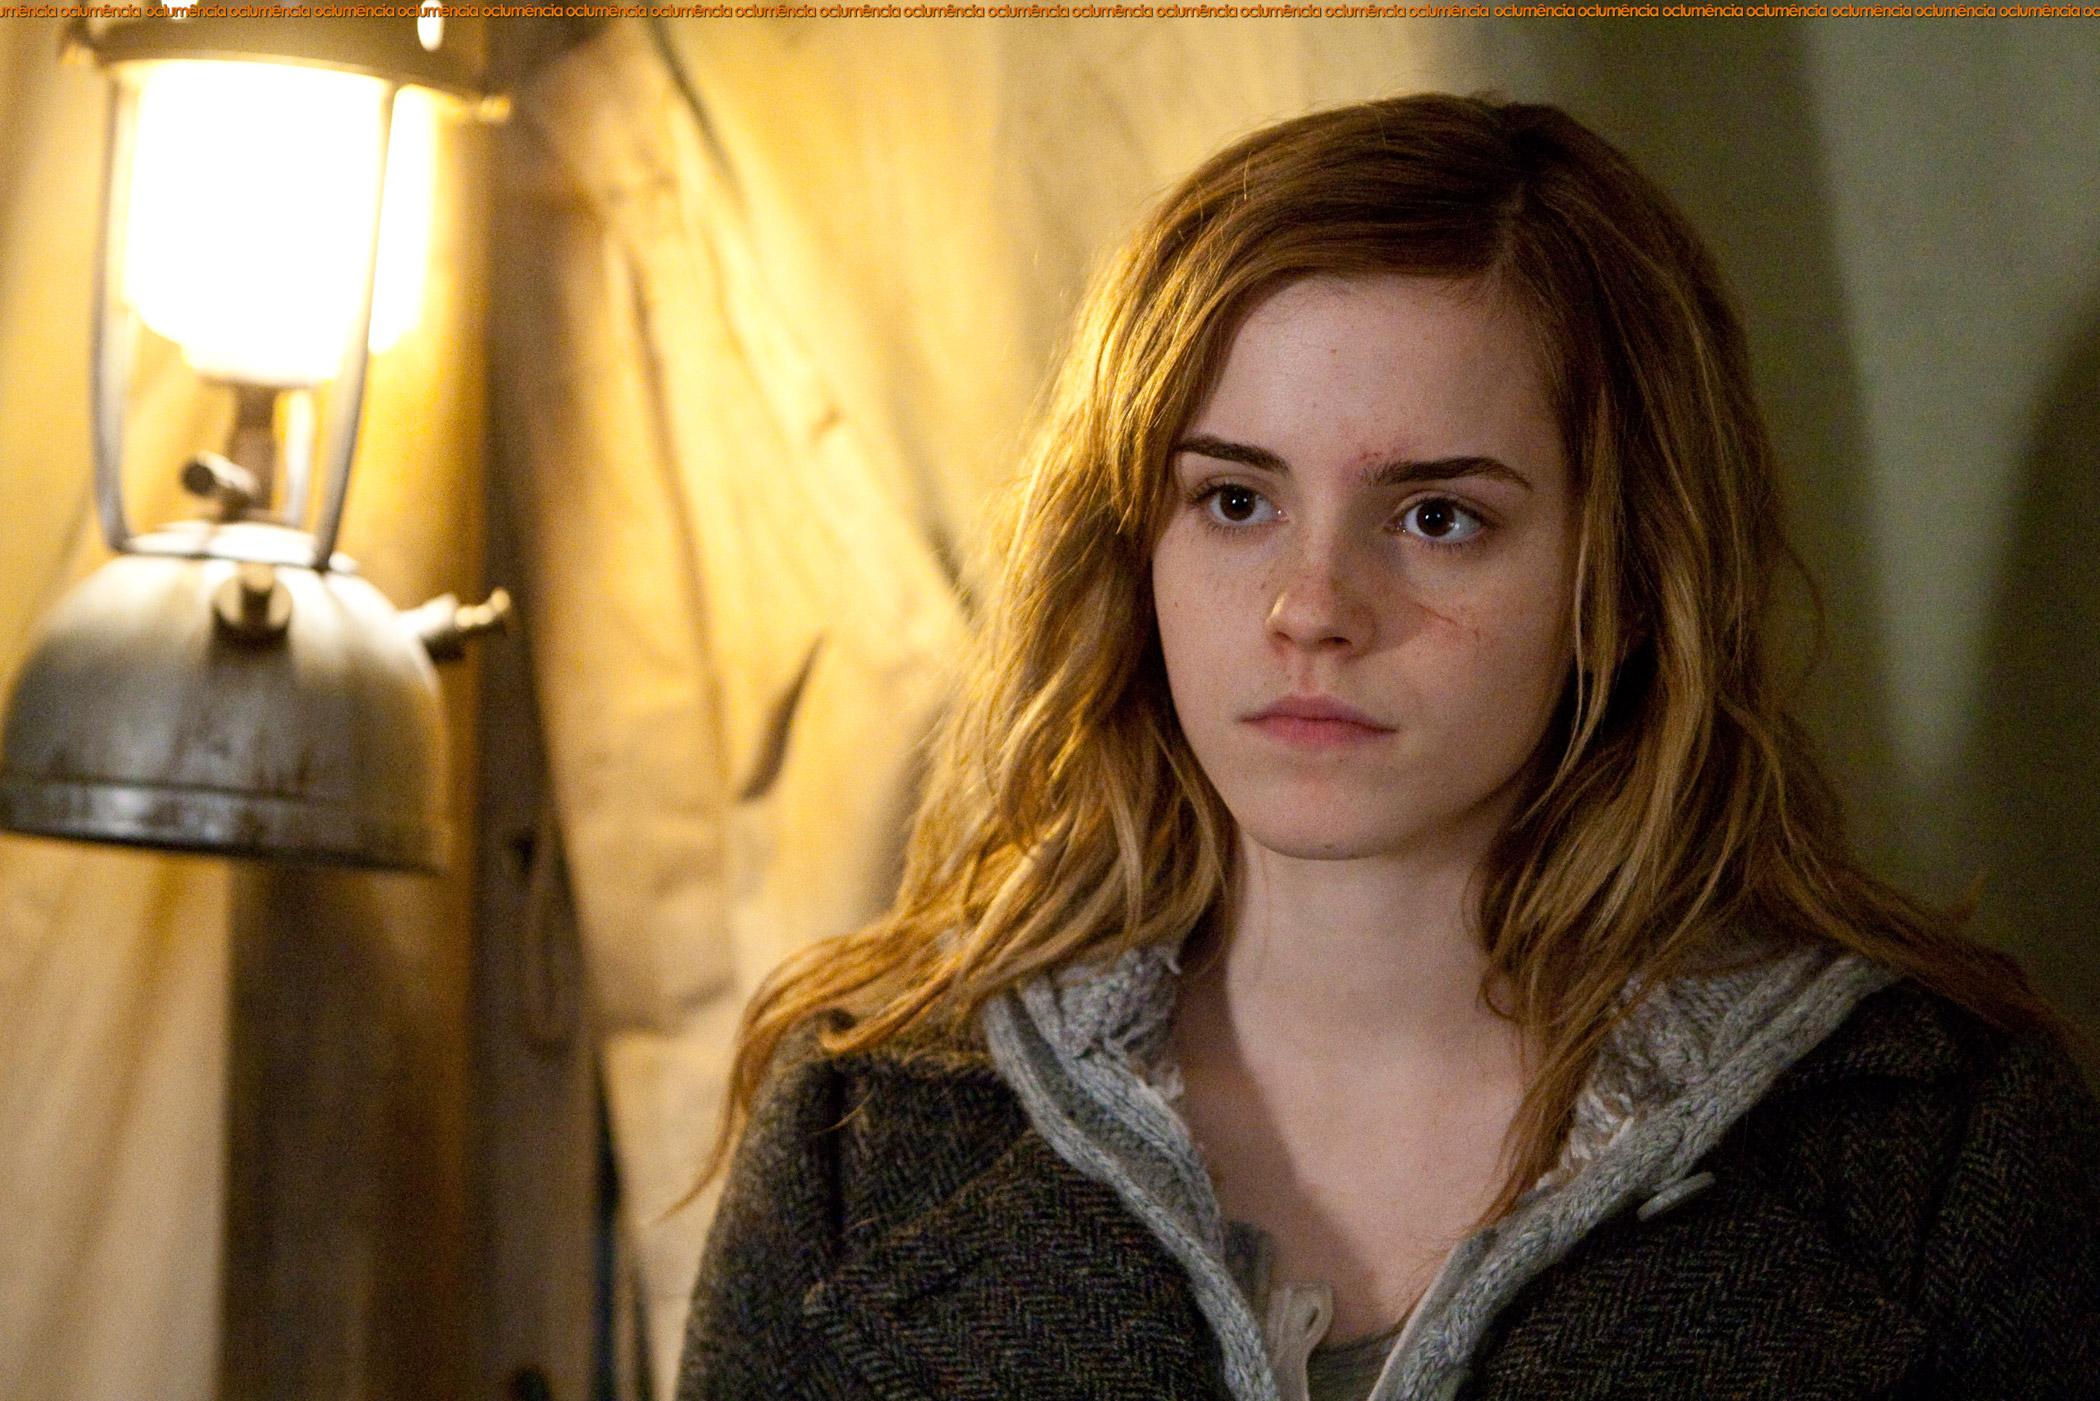 Hermione-hermione-granger-30489604-2100-1401